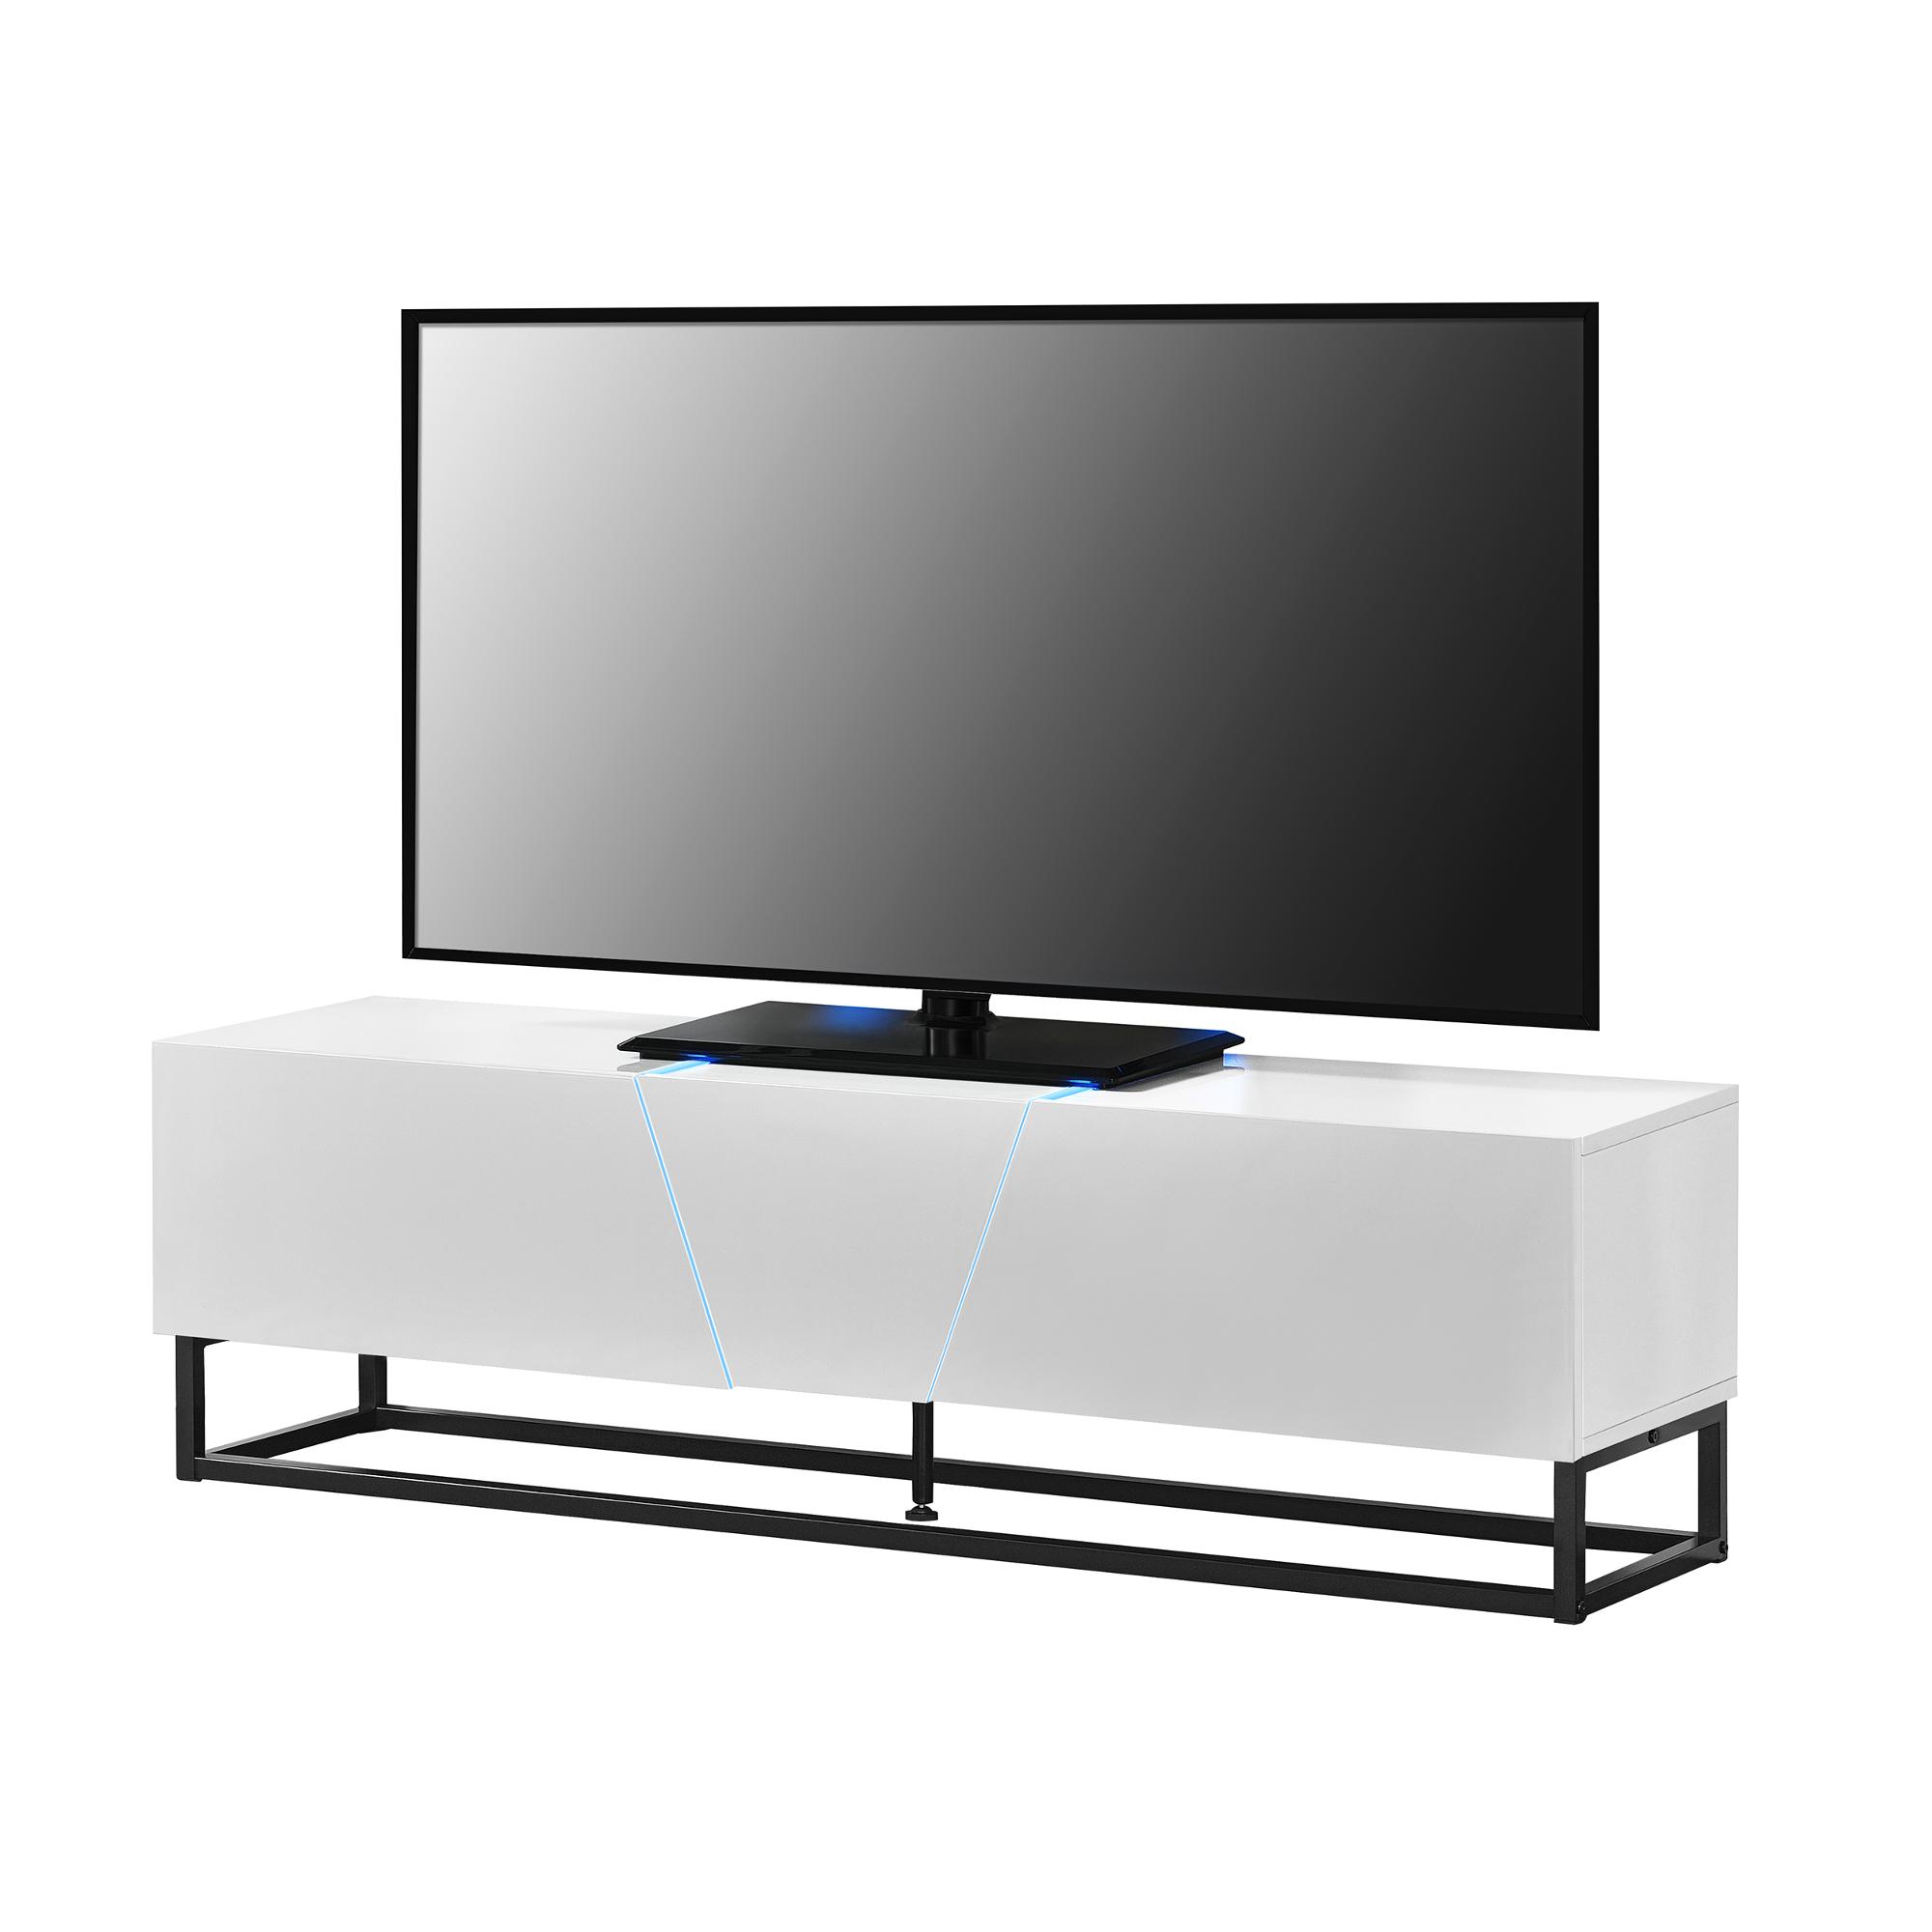 Meuble TV avec /éclairage LED Armoire Basse 140 x 35 x 41 cm avec t/él/écommande 2 Surfaces de Stockage MDF et M/étal Blanc en.CASA